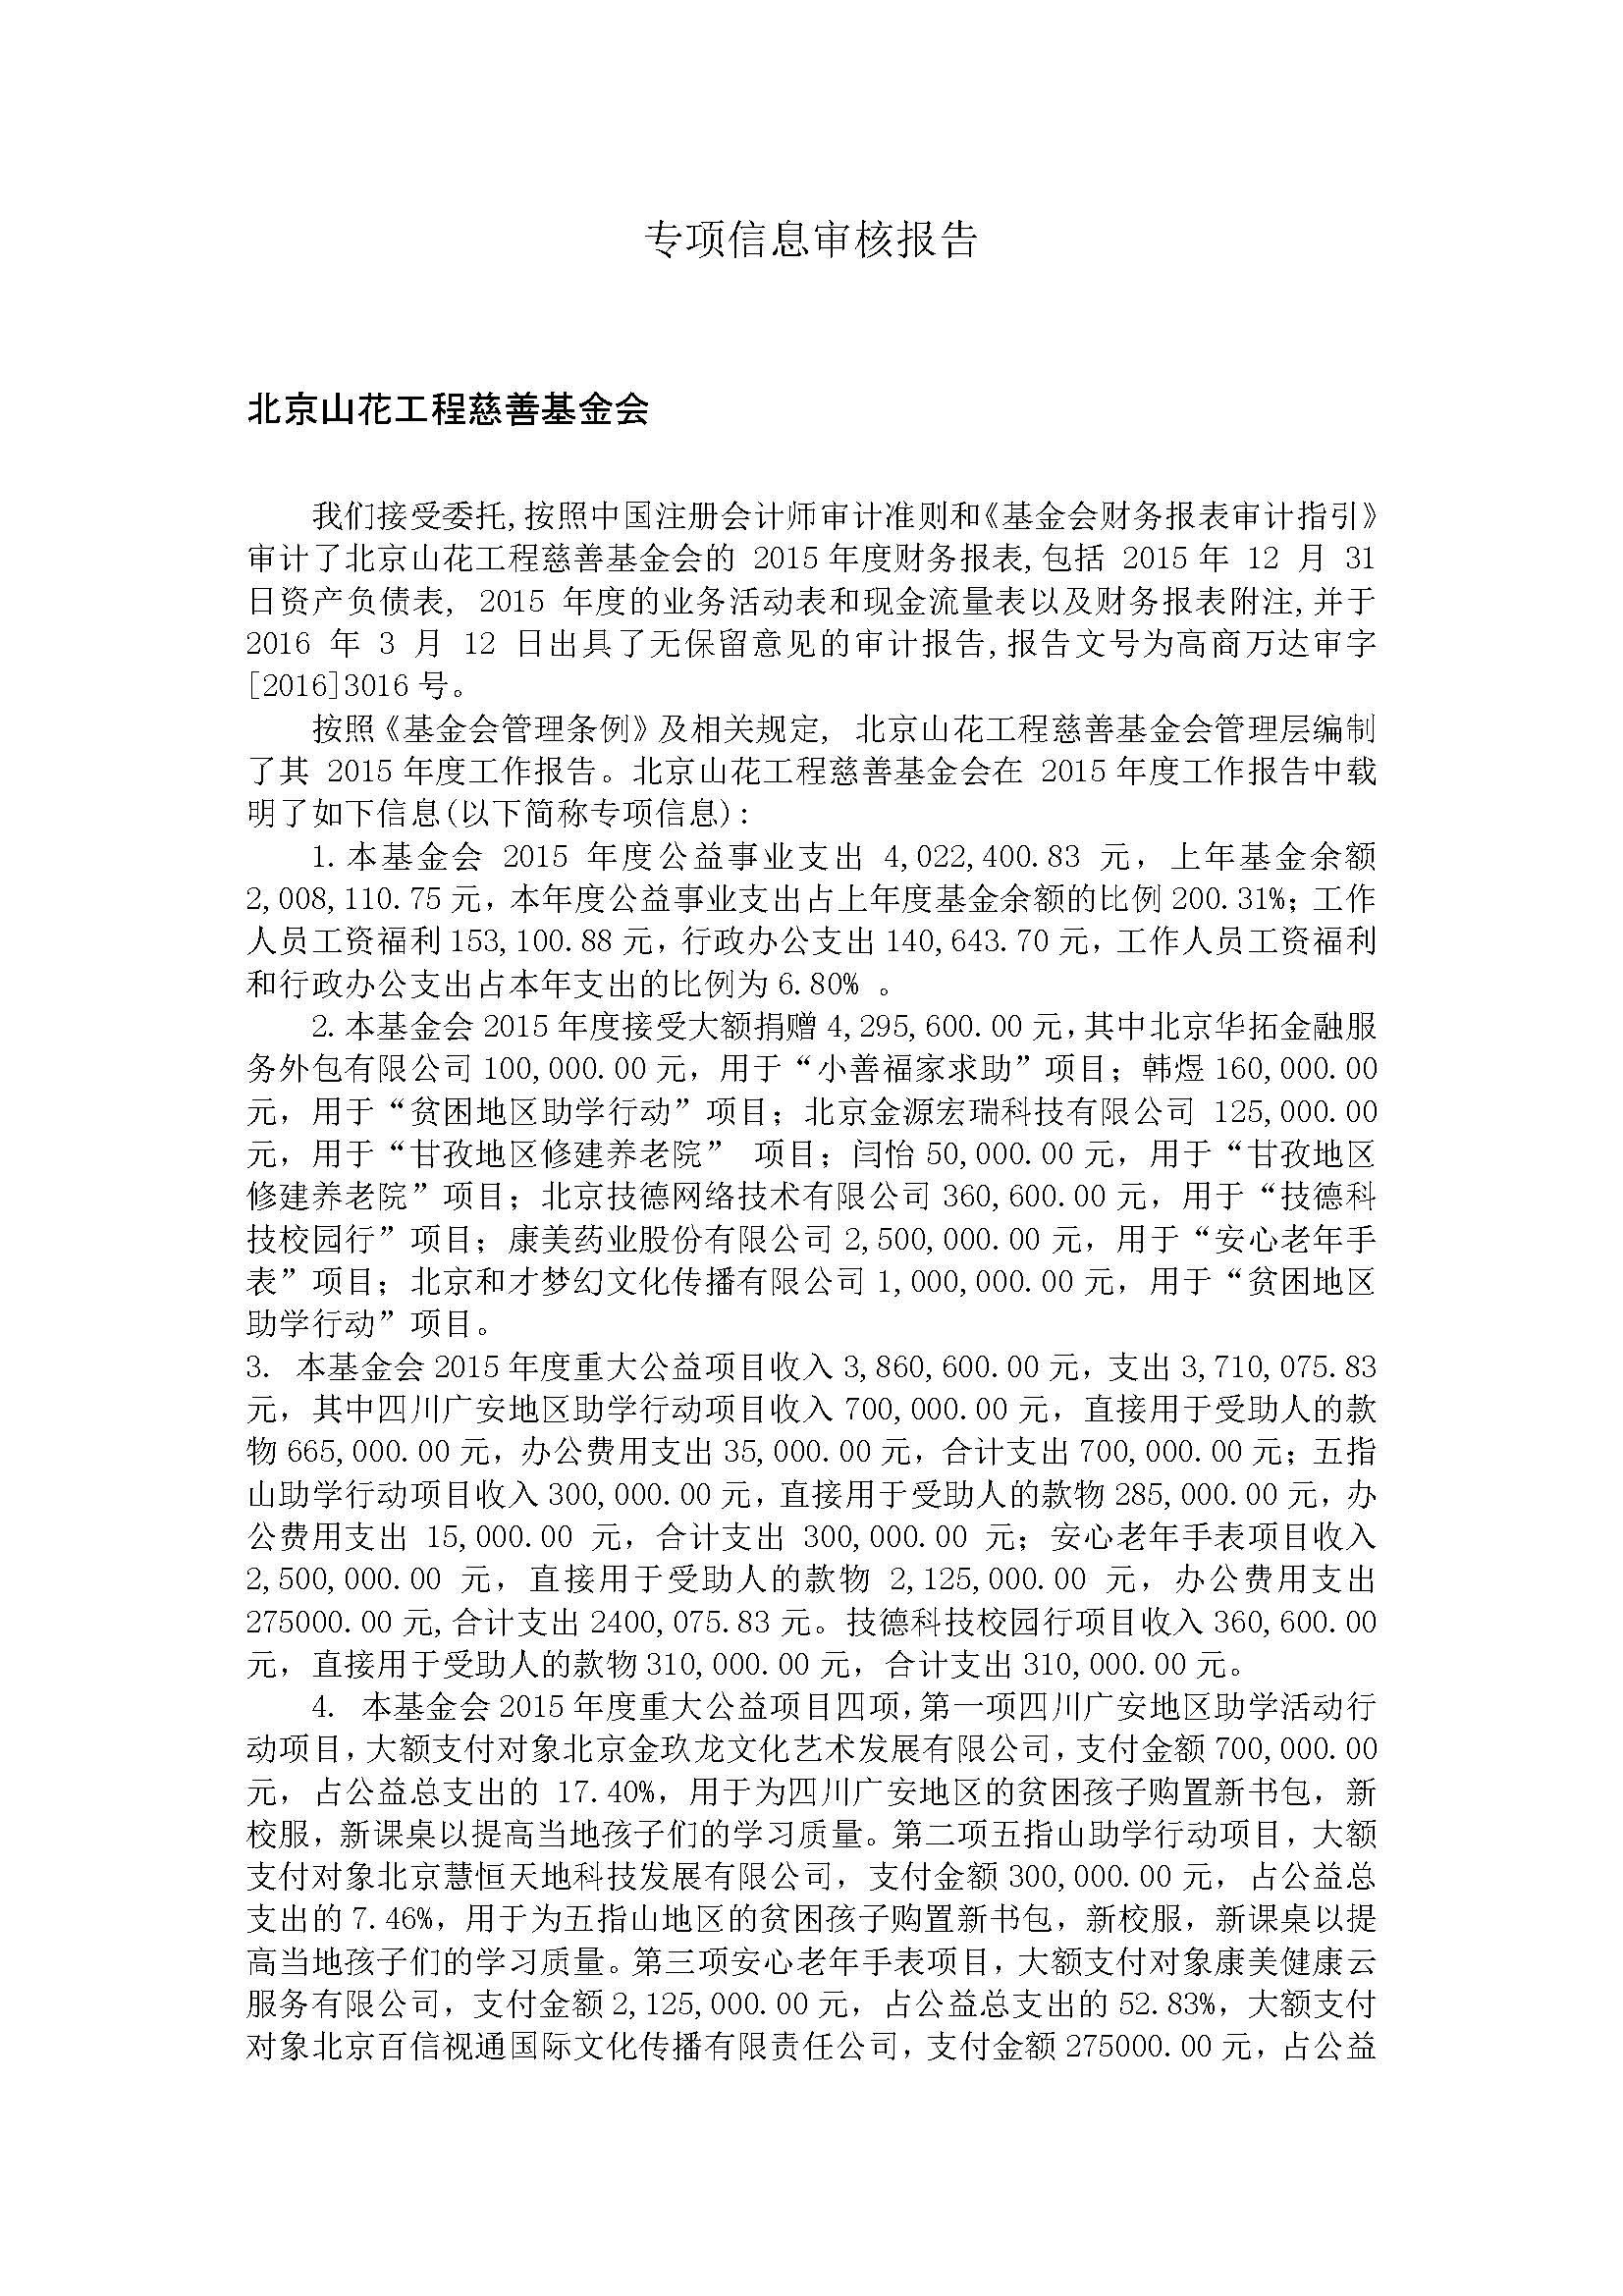 山花工程基金会专项信息审核报告_页面_1